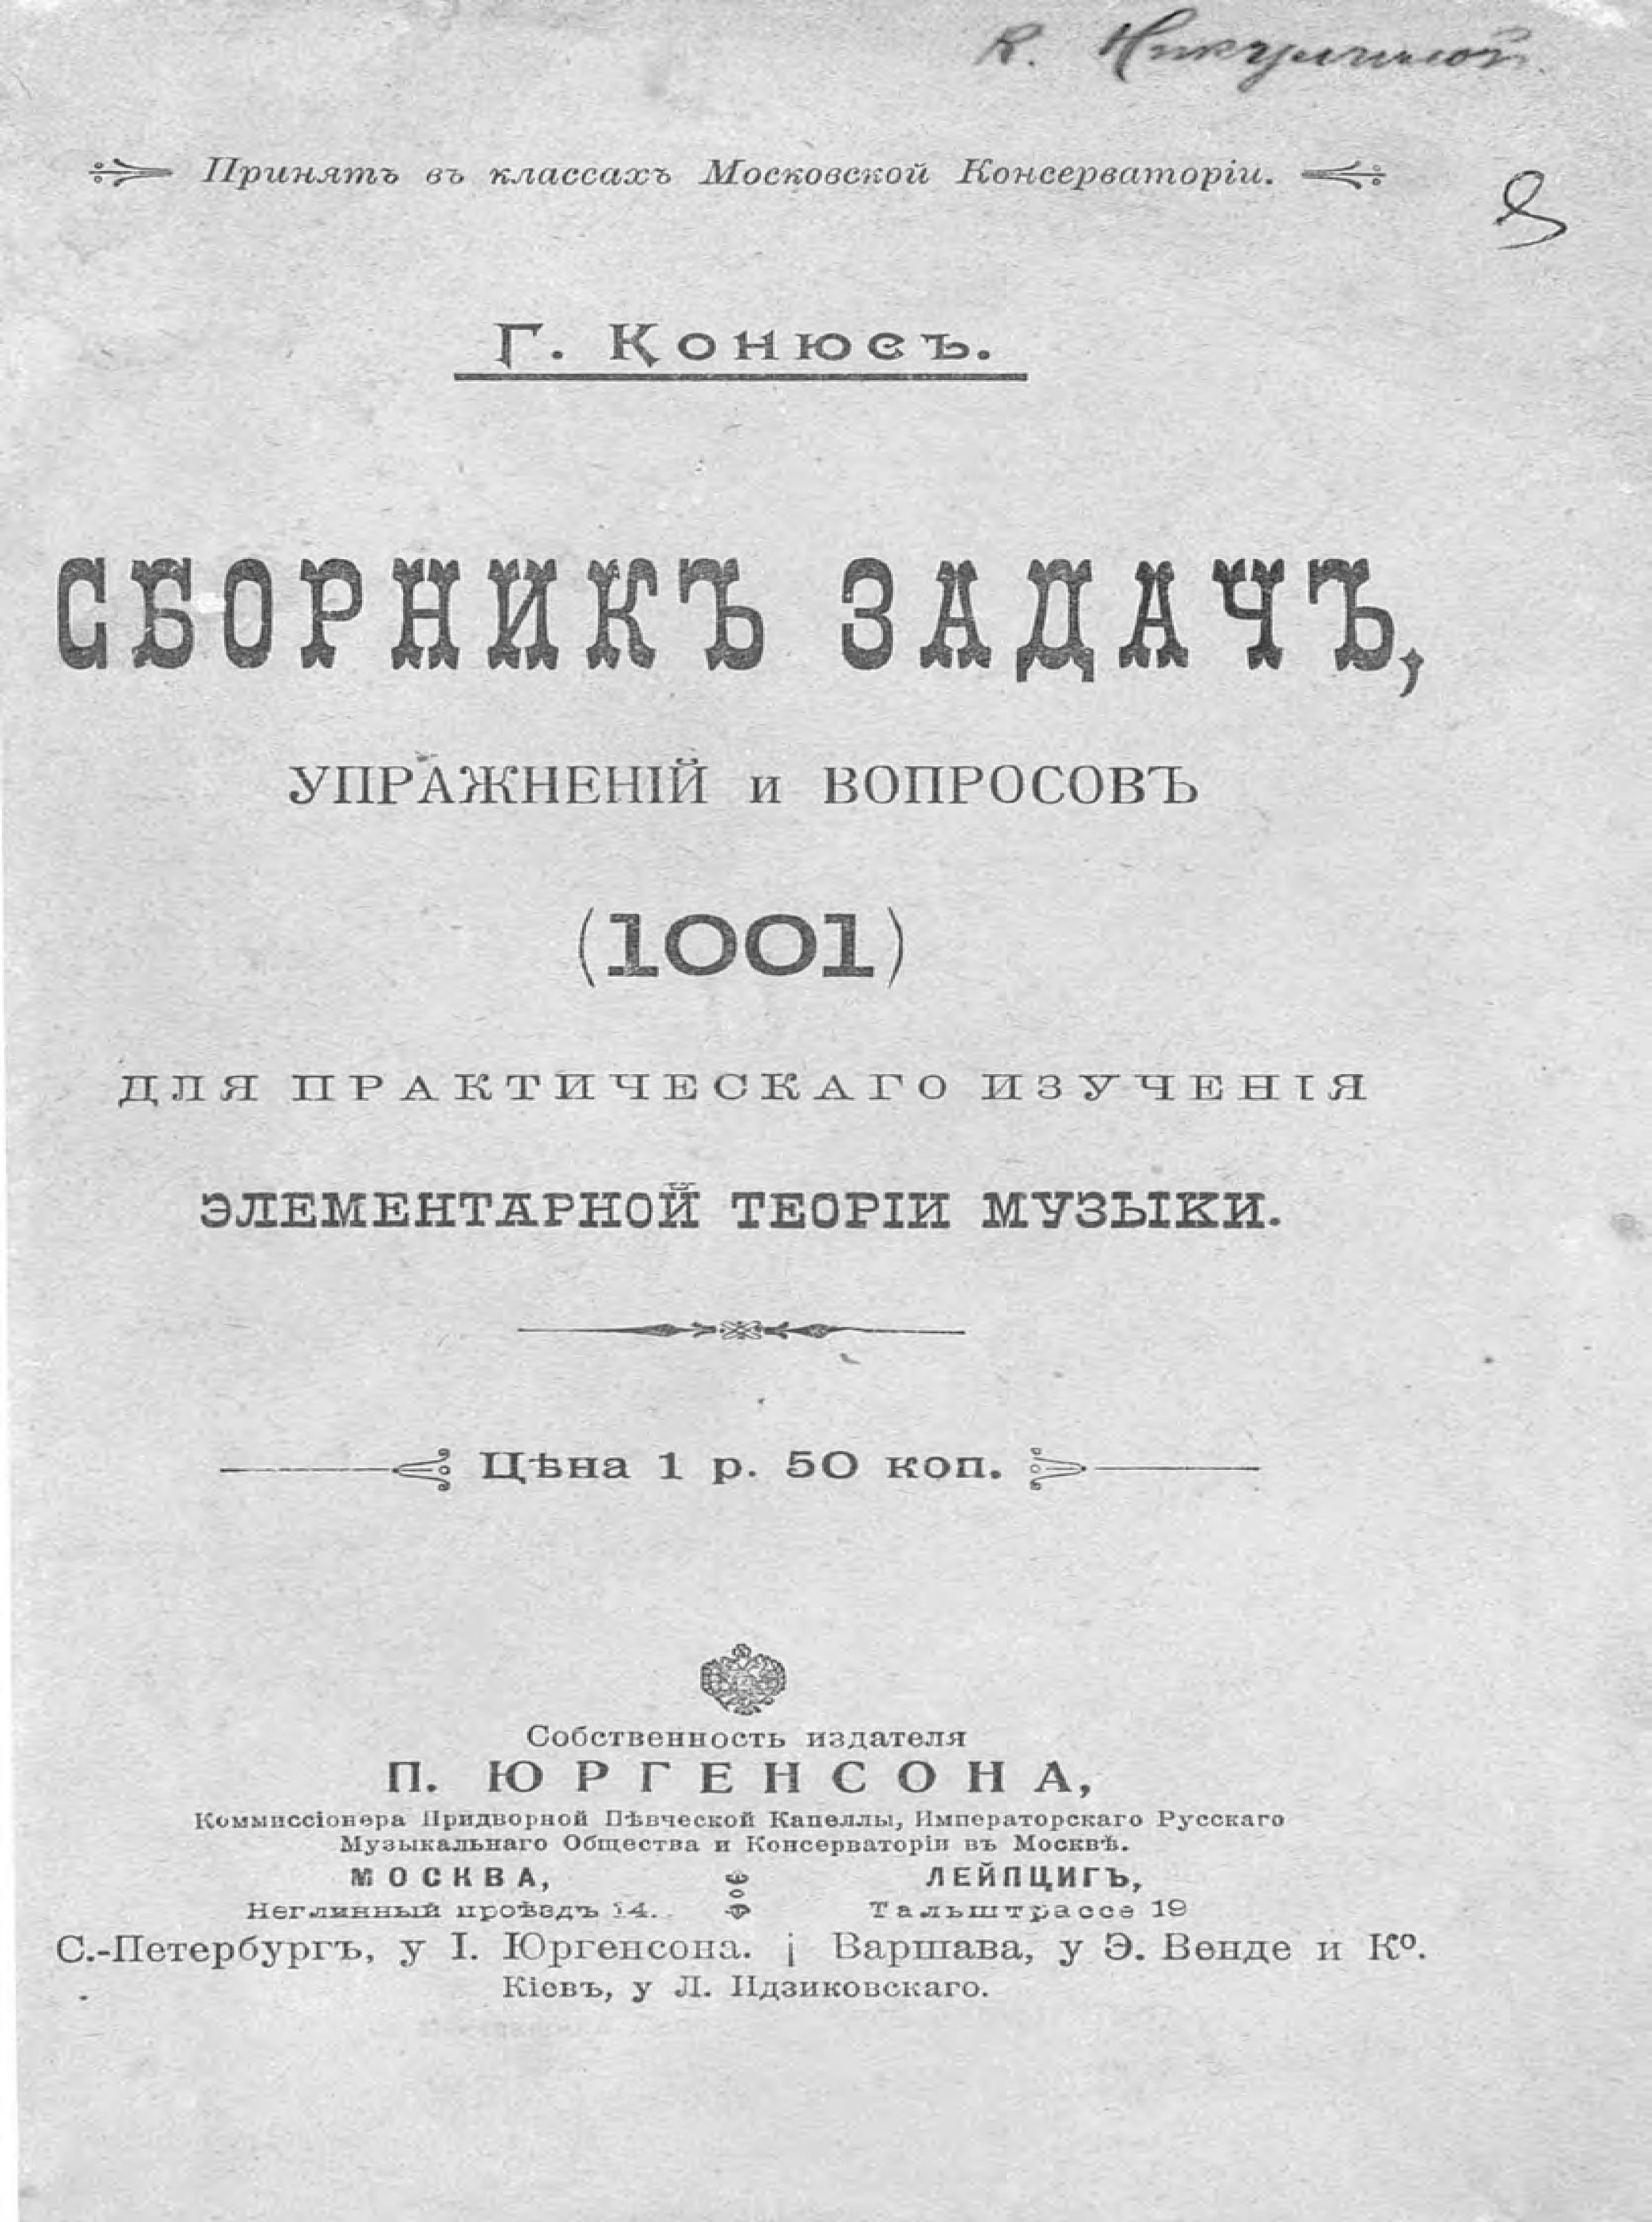 Георгий Конюс Сборник задач, упражнений и вопросов (1001) для практического изучения элементарной теории музыки